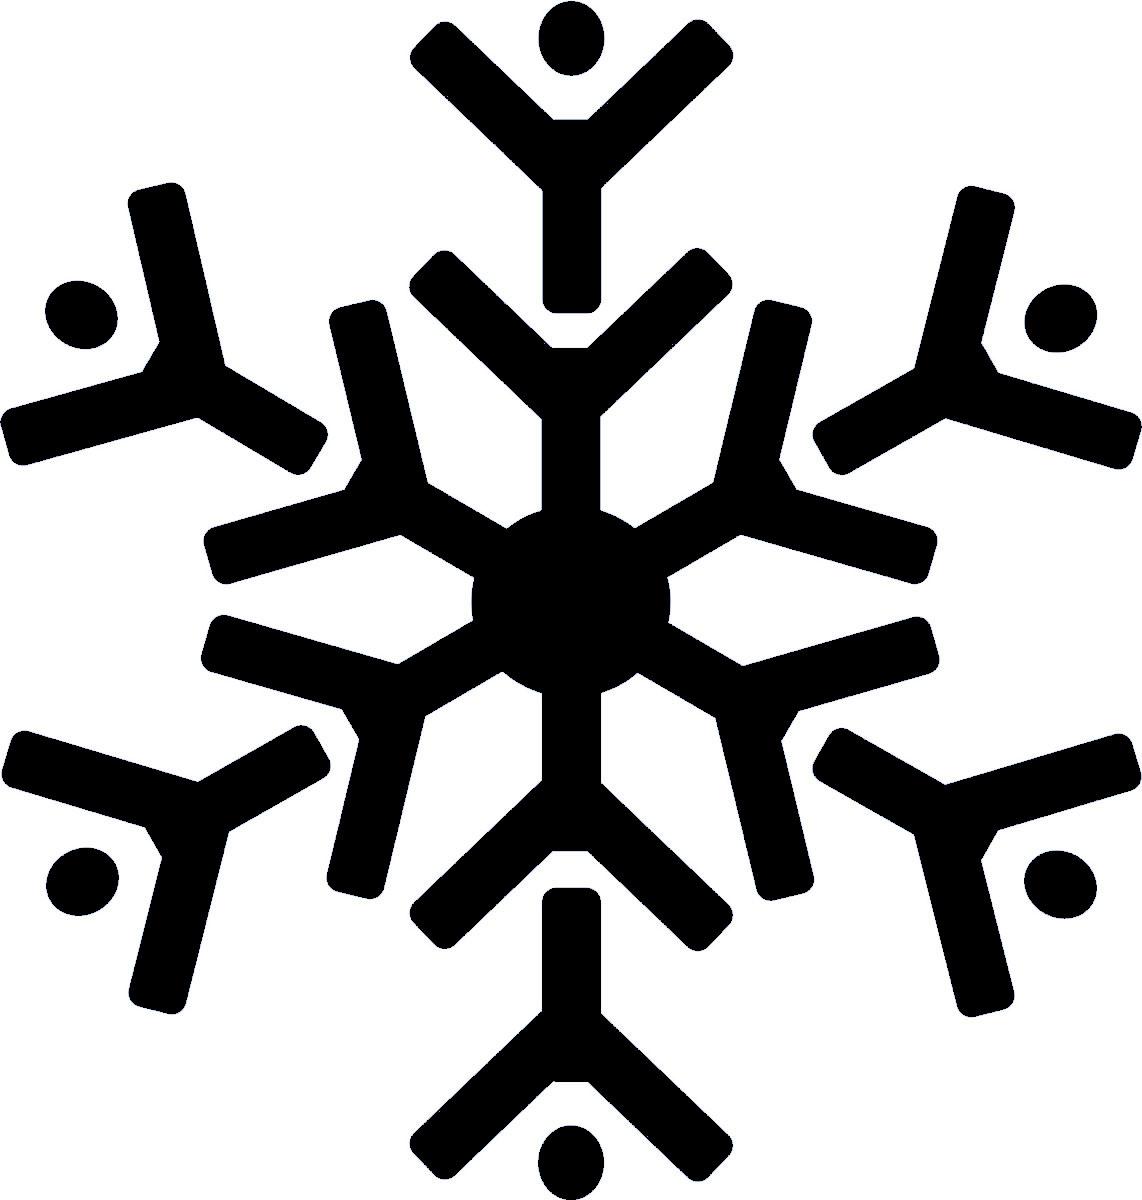 Наклейка автомобильная Оранжевый слоник Снежинка 3, виниловая, цвет: черный150NG00011BОригинальная наклейка Оранжевый слоник Снежинка 3 изготовлена из высококачественной виниловой пленки, которая выполняет не только декоративную функцию, но и защищает кузов автомобиля от небольших механических повреждений, либо скрывает уже существующие. Виниловые наклейки на автомобиль - это не только красиво, но еще и быстро! Всего за несколько минут вы можете полностью преобразить свой автомобиль, сделать его ярким, необычным, особенным и неповторимым!